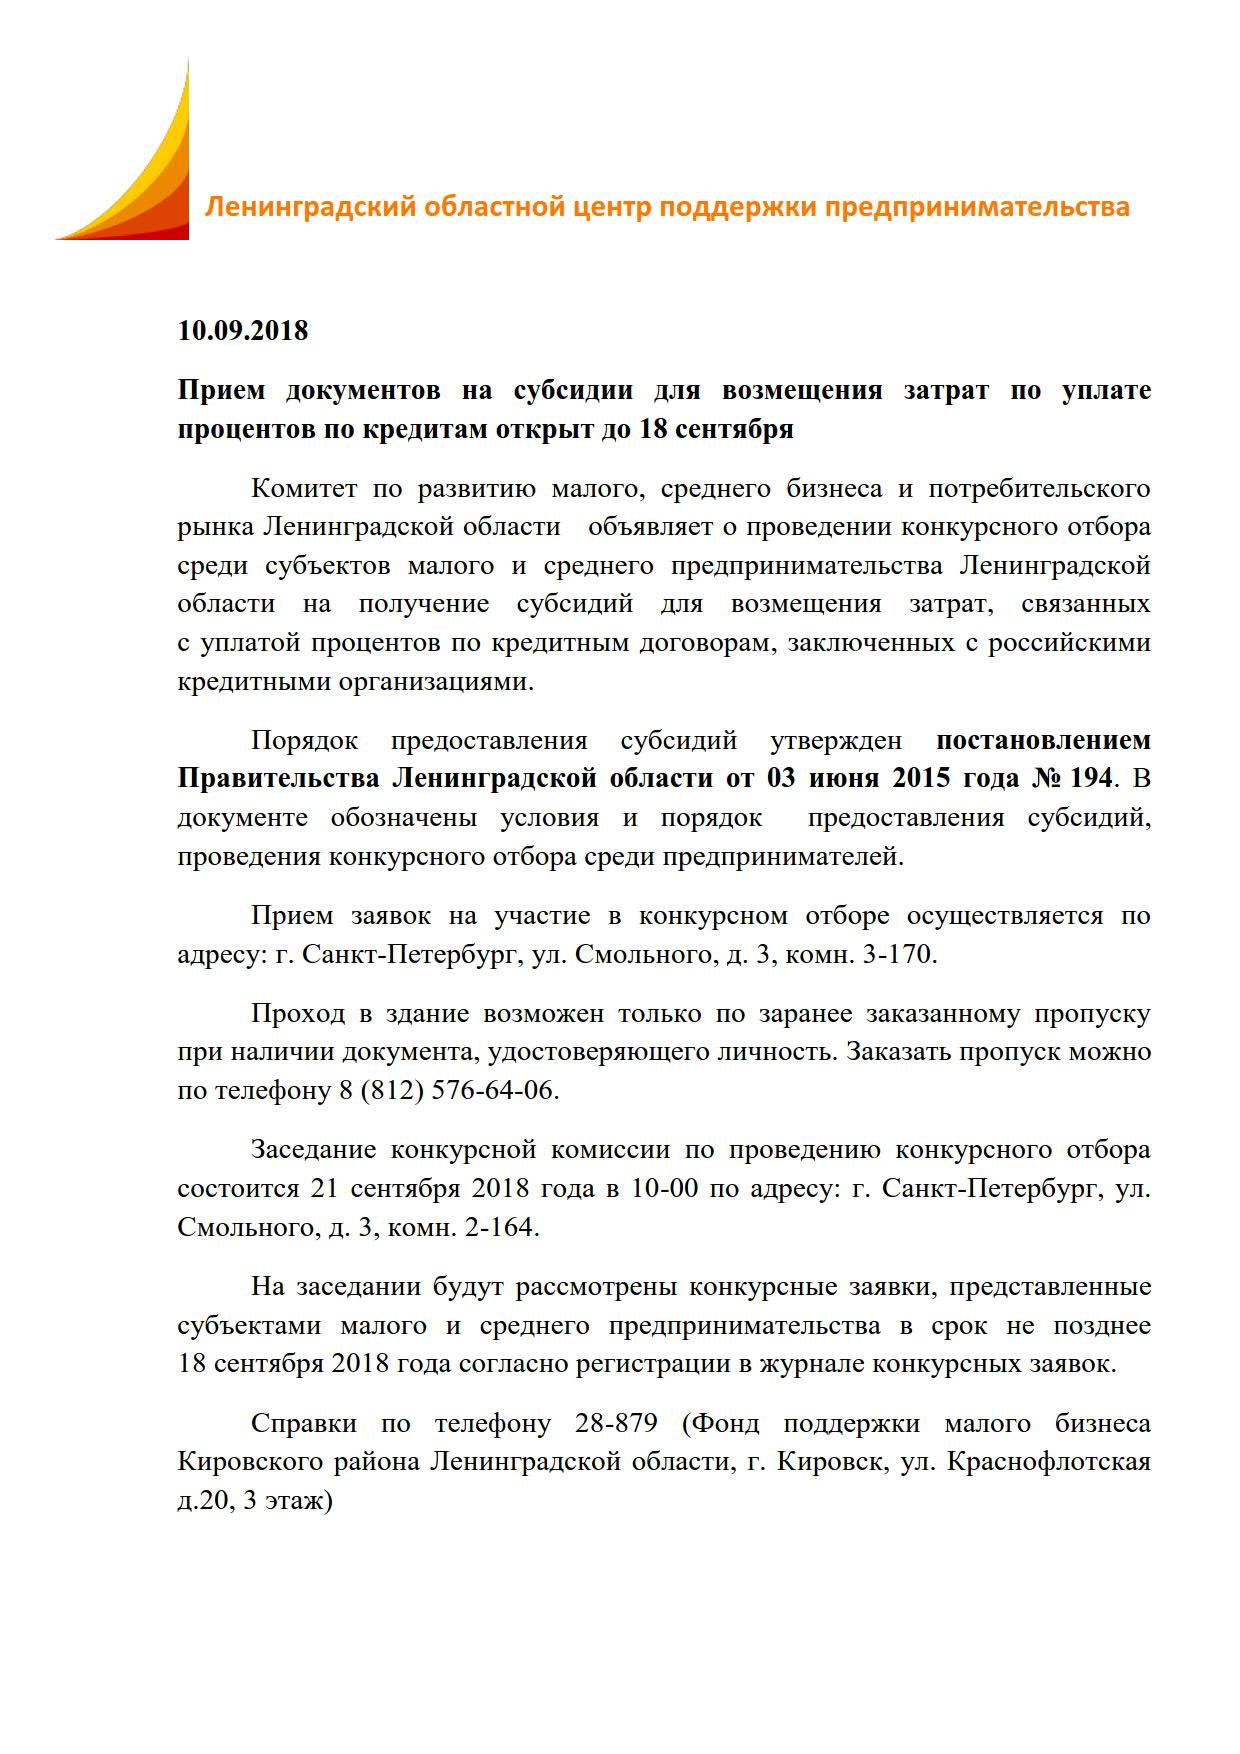 Объявление Субсидии проценты по кредиту_1